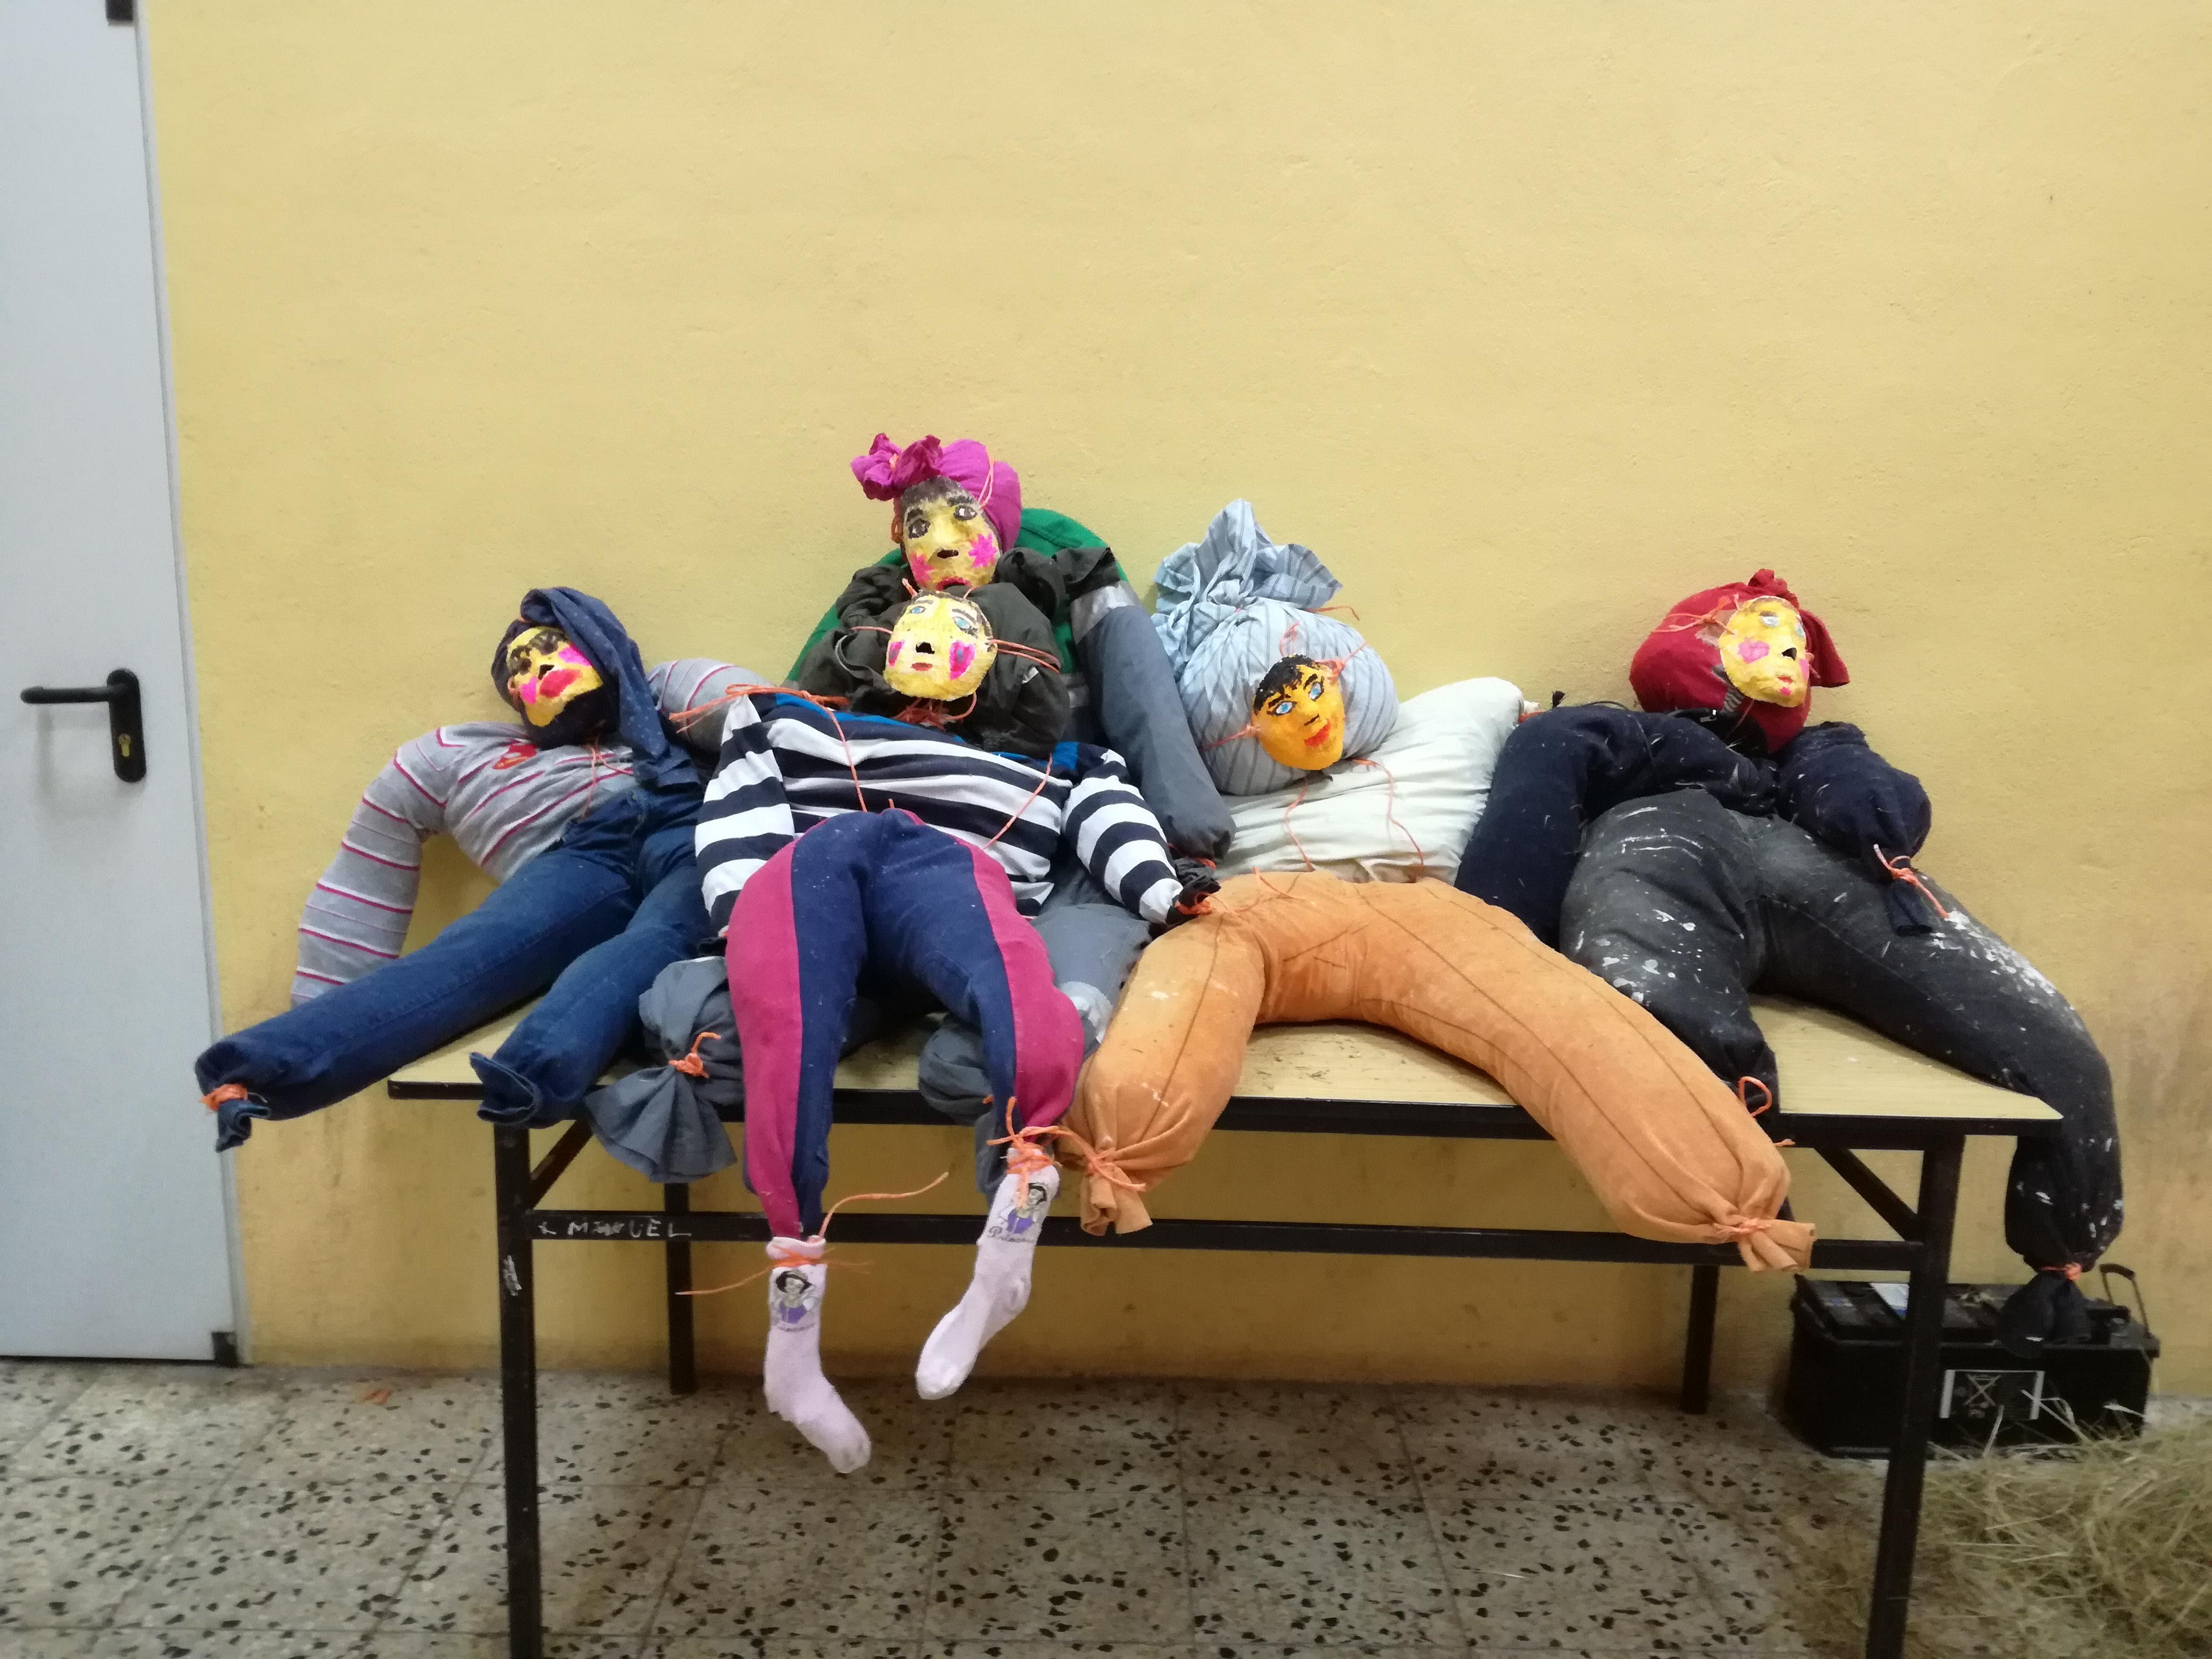 Taller de muñecos de San Roque verano 2017